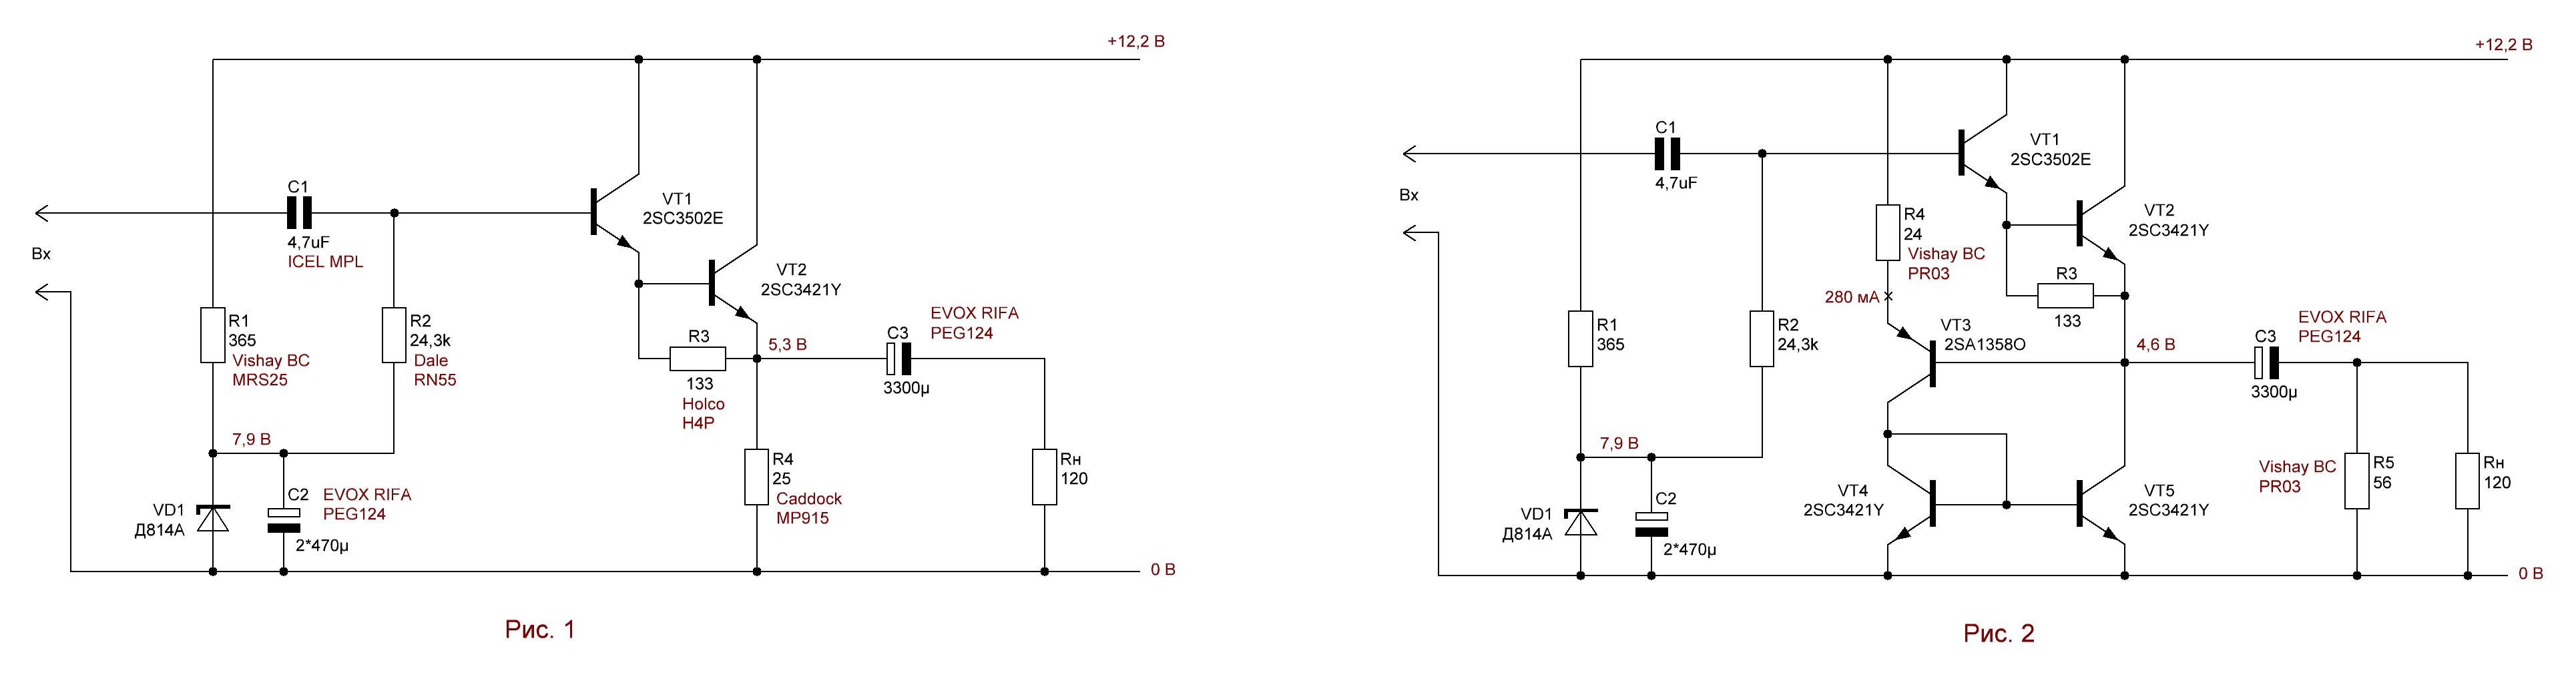 Схема для тока амперметром